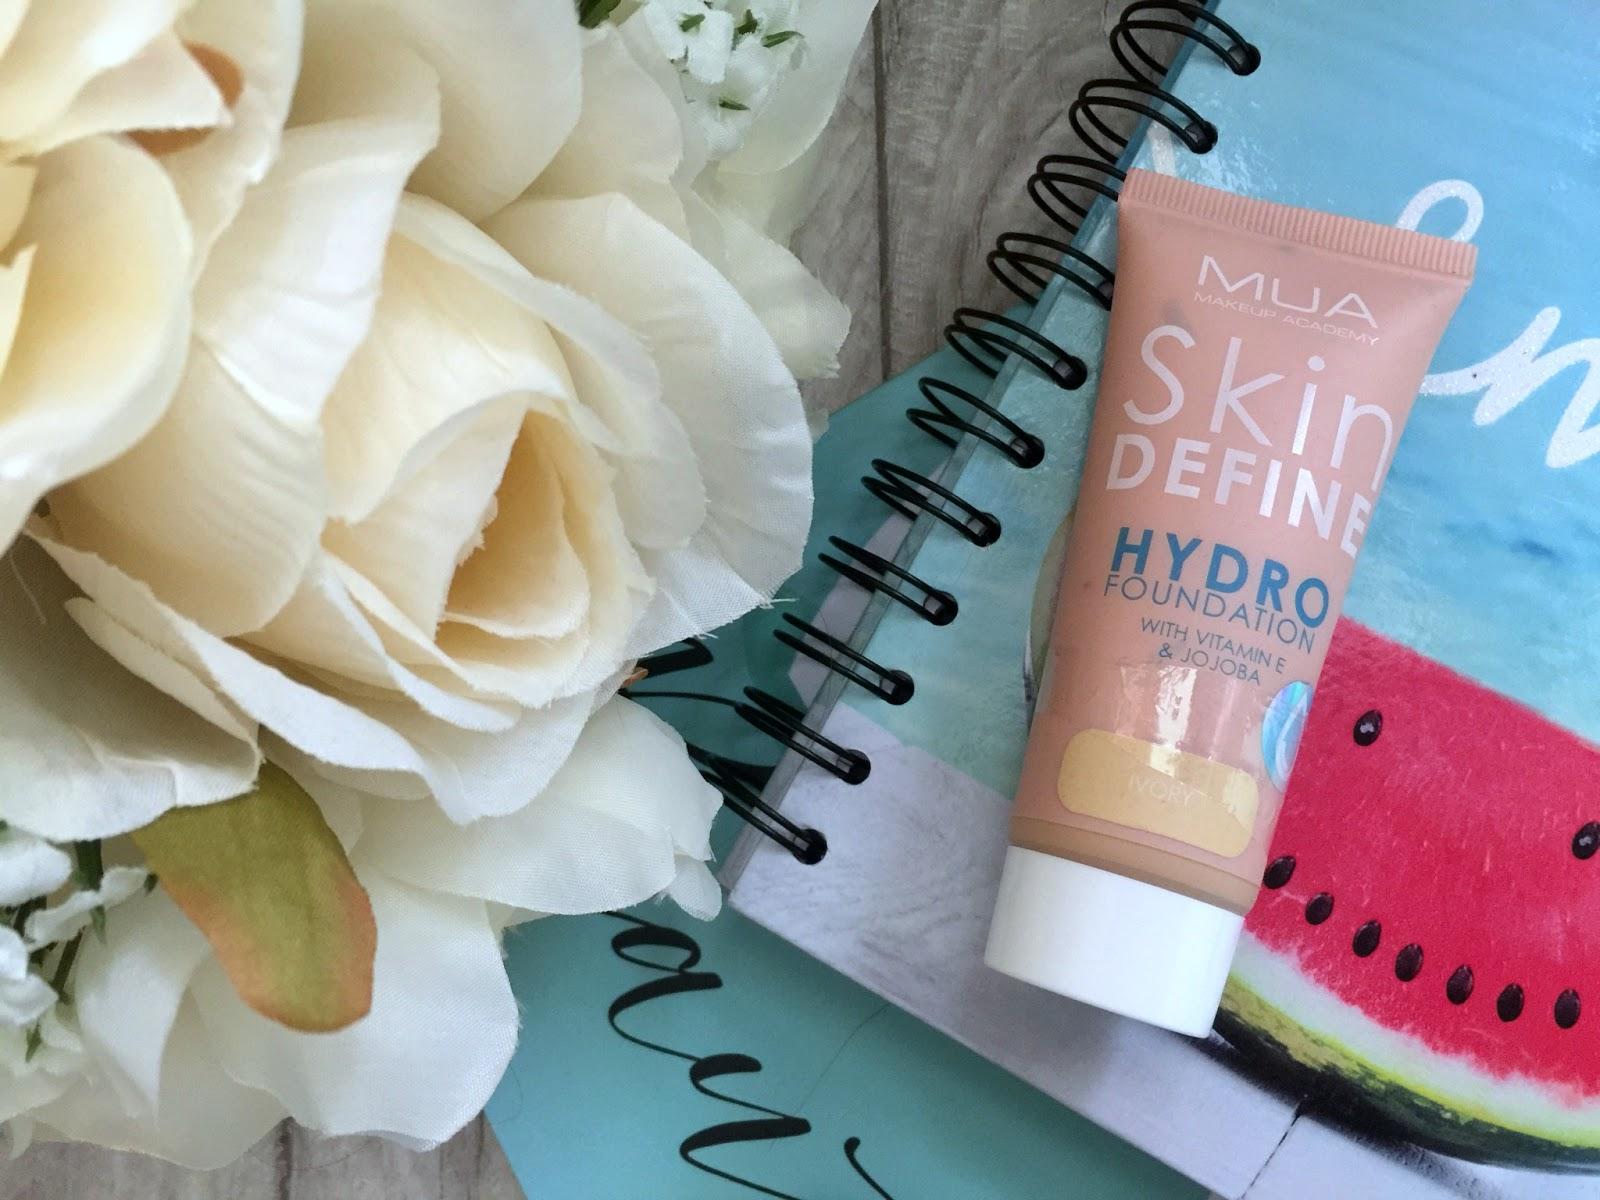 mua skin define hydro foundation